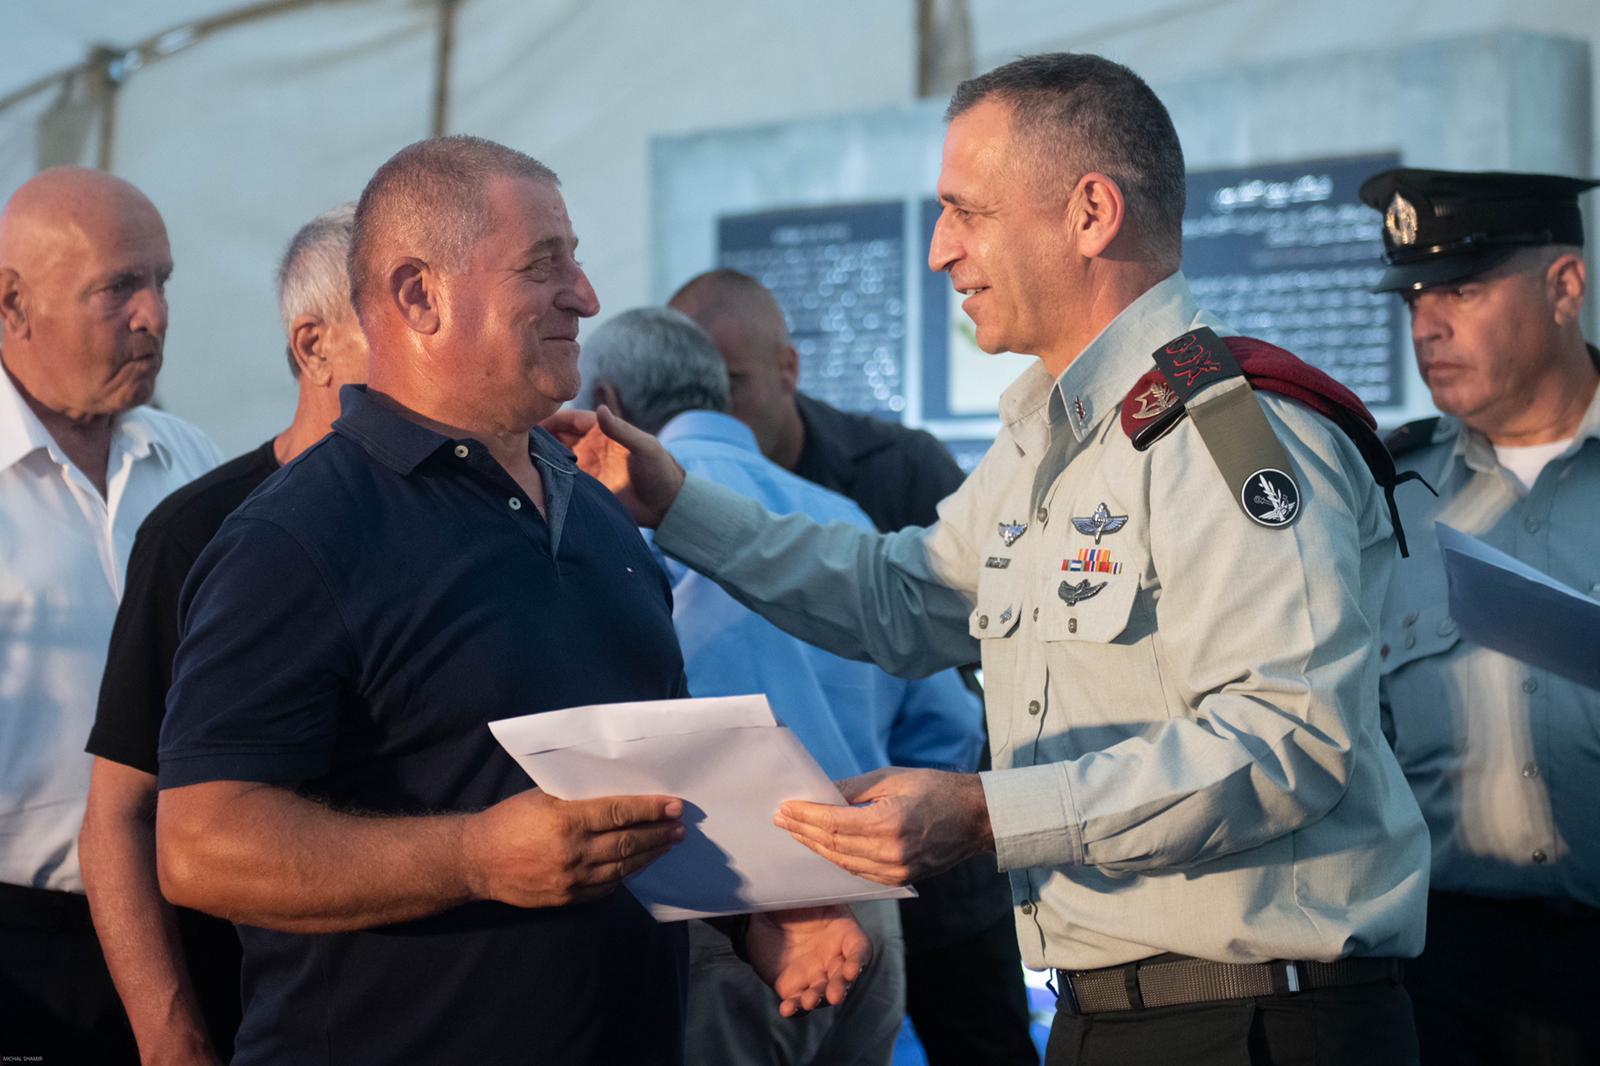 מפקדי ולוחמי צד״ל קיבלו את אותות המערכה ללחימה ברצועת הביטחון בטקס סמוך לגדר הטובה